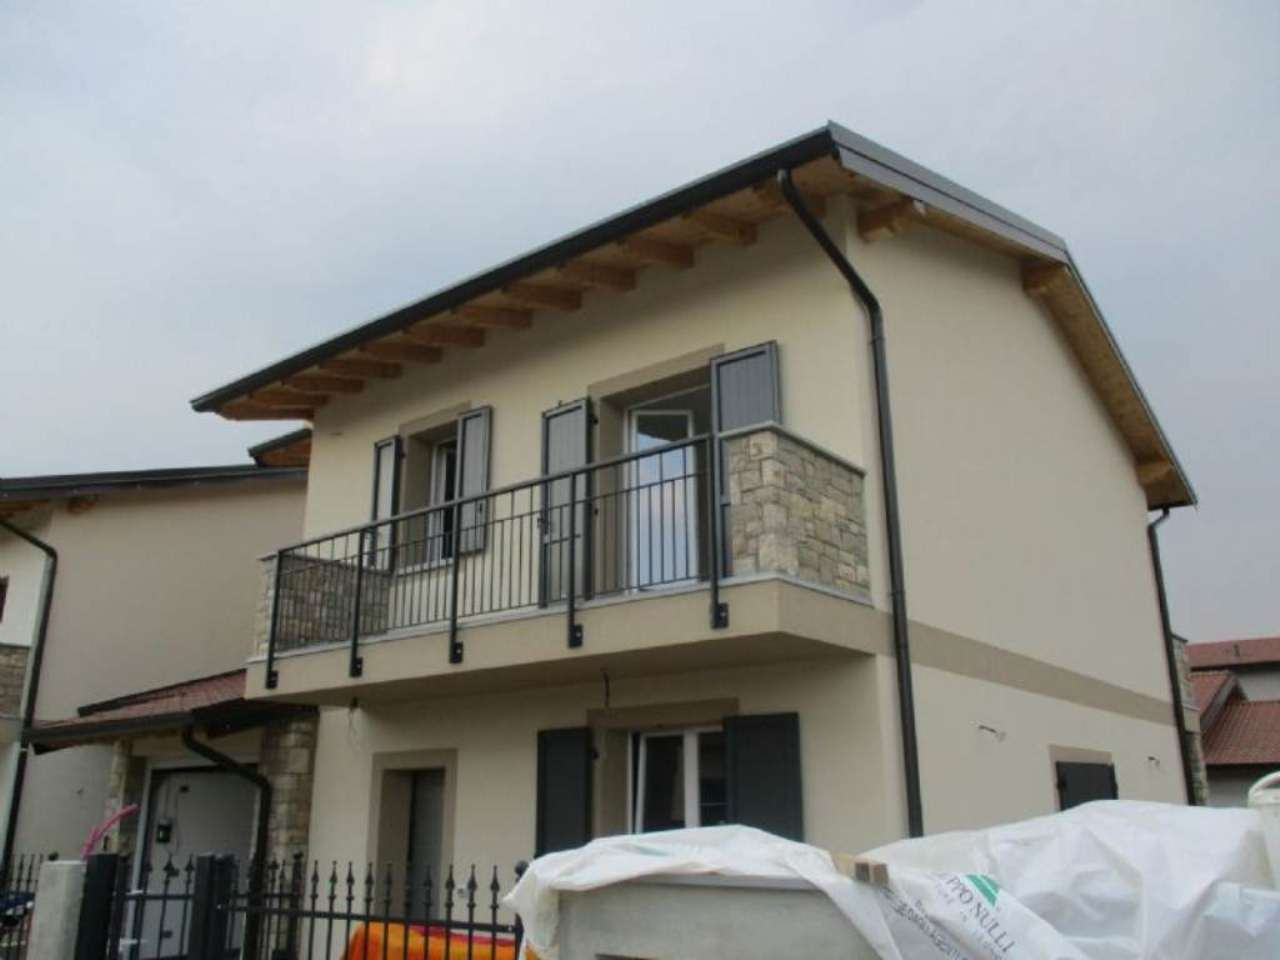 Appartamento in vendita a Mozzanica, 3 locali, prezzo € 178.000 | CambioCasa.it